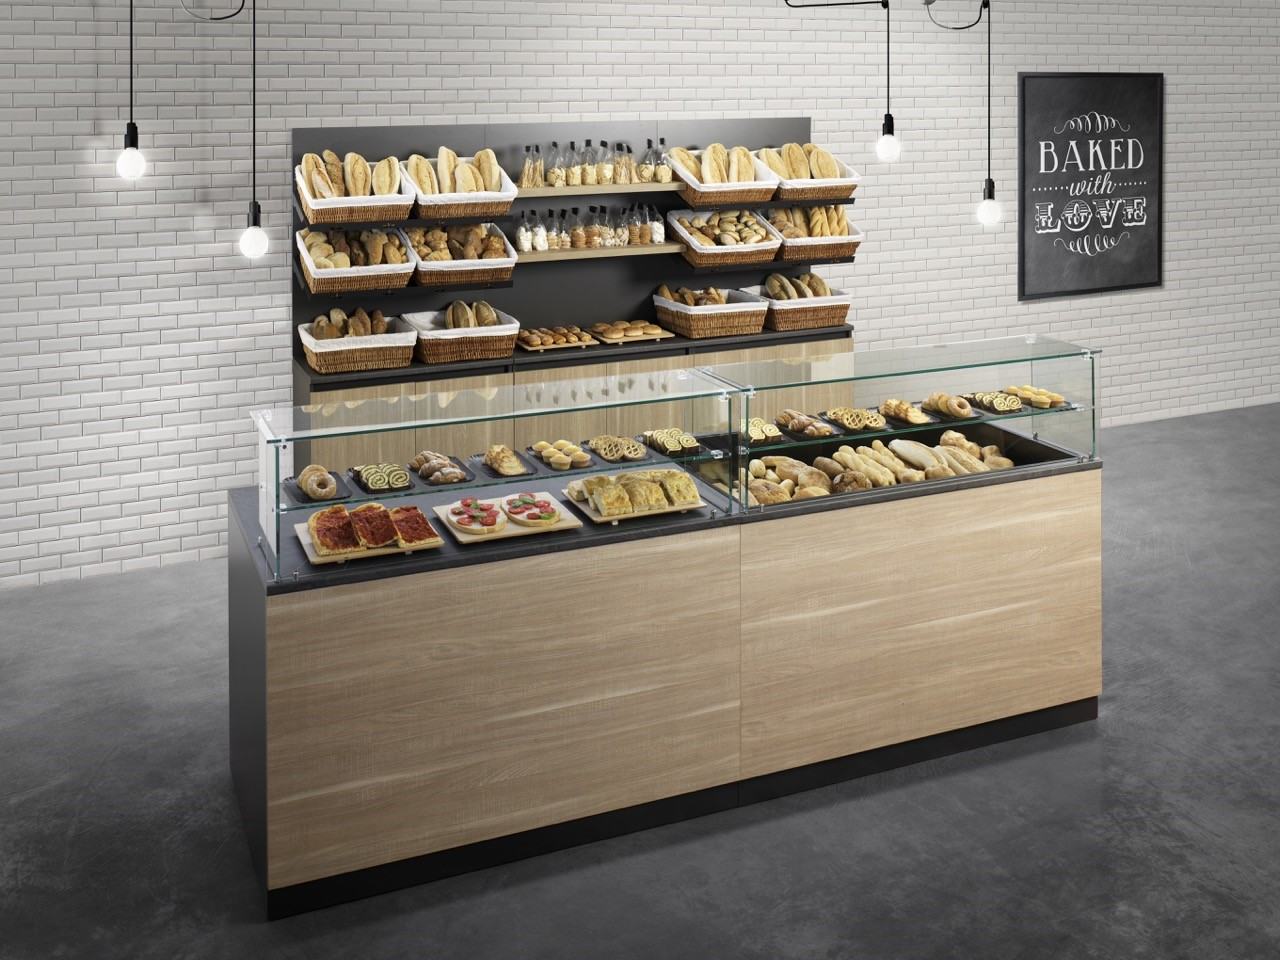 Bakerycafe arredamenti per panetteria panificio bar for Arredamento pasticceria prezzi